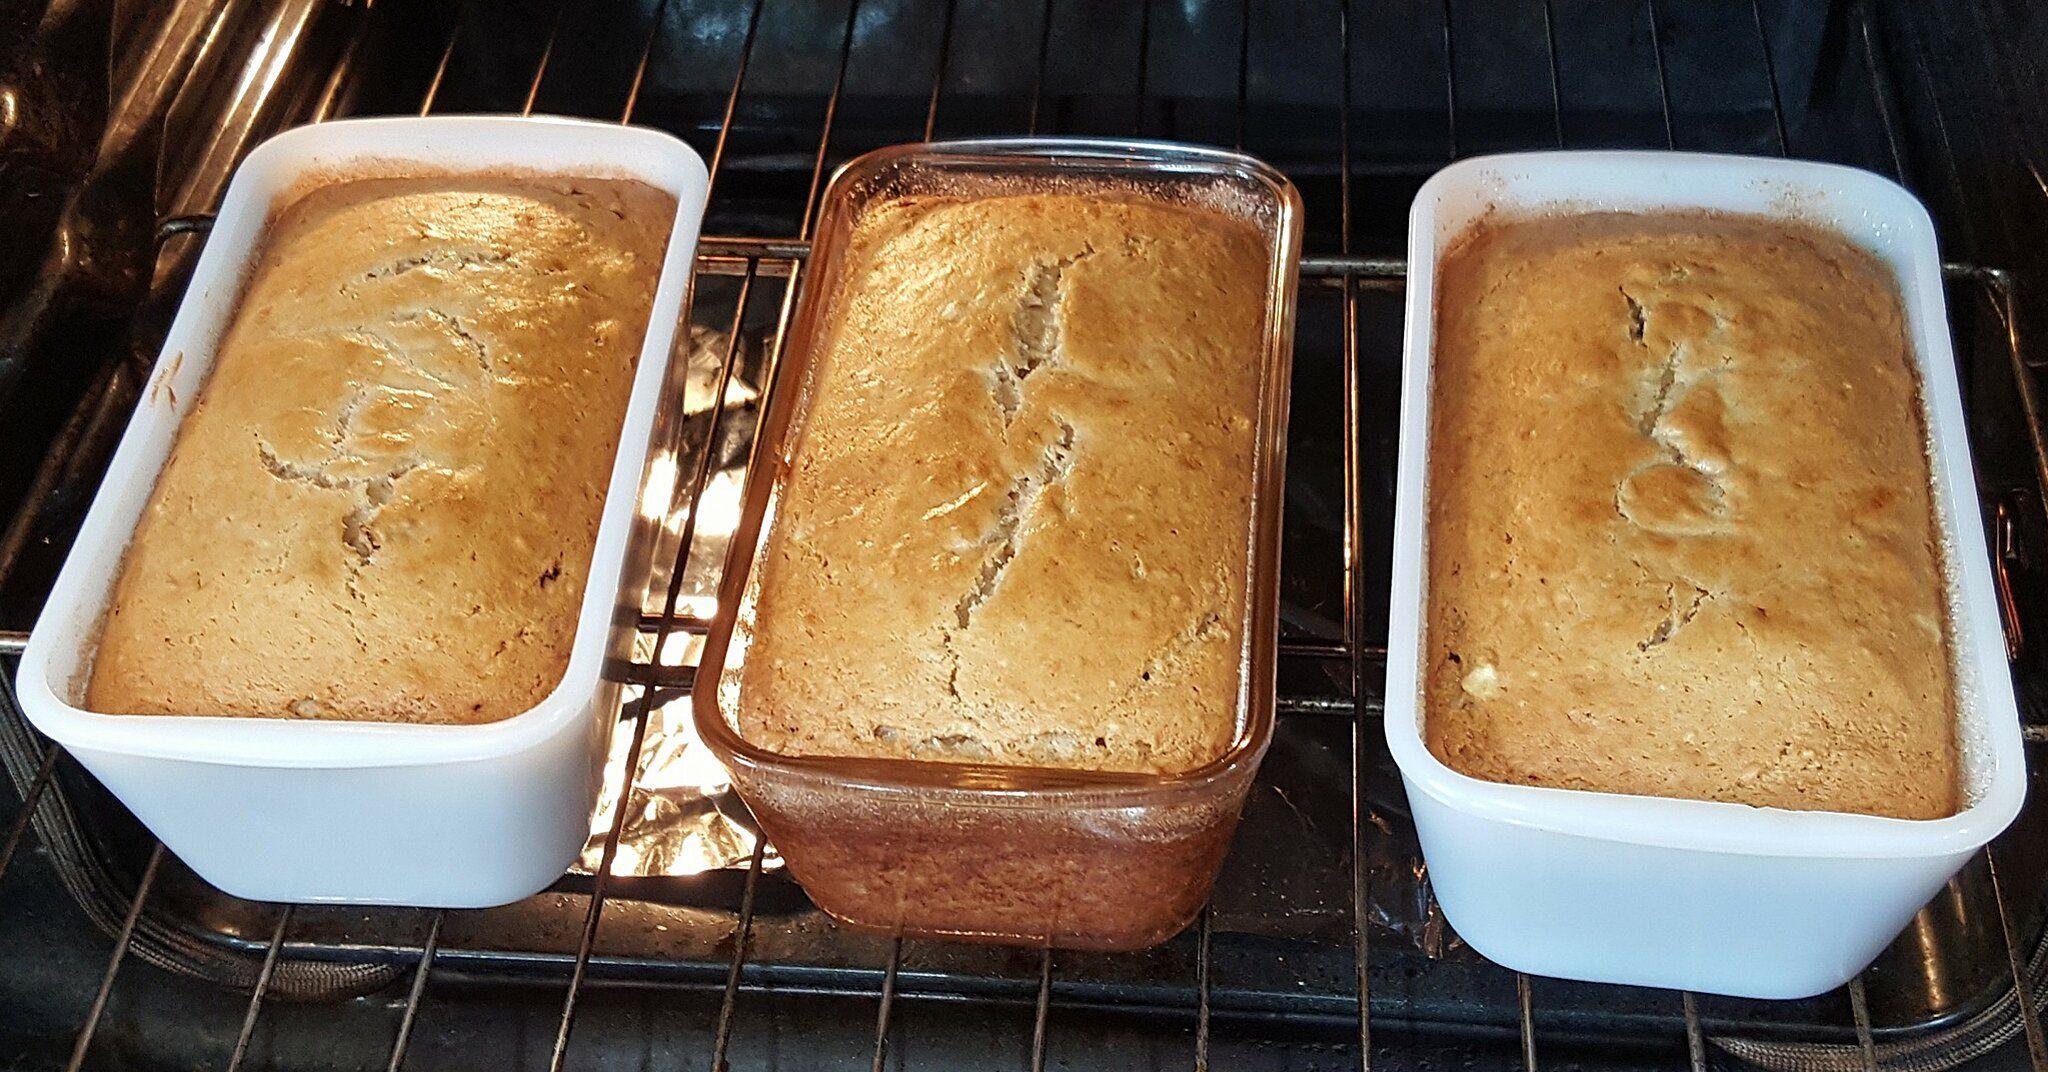 Banana Sour Cream Bread Recipe In 2020 Cream Bread Recipe Recipes Best Banana Bread